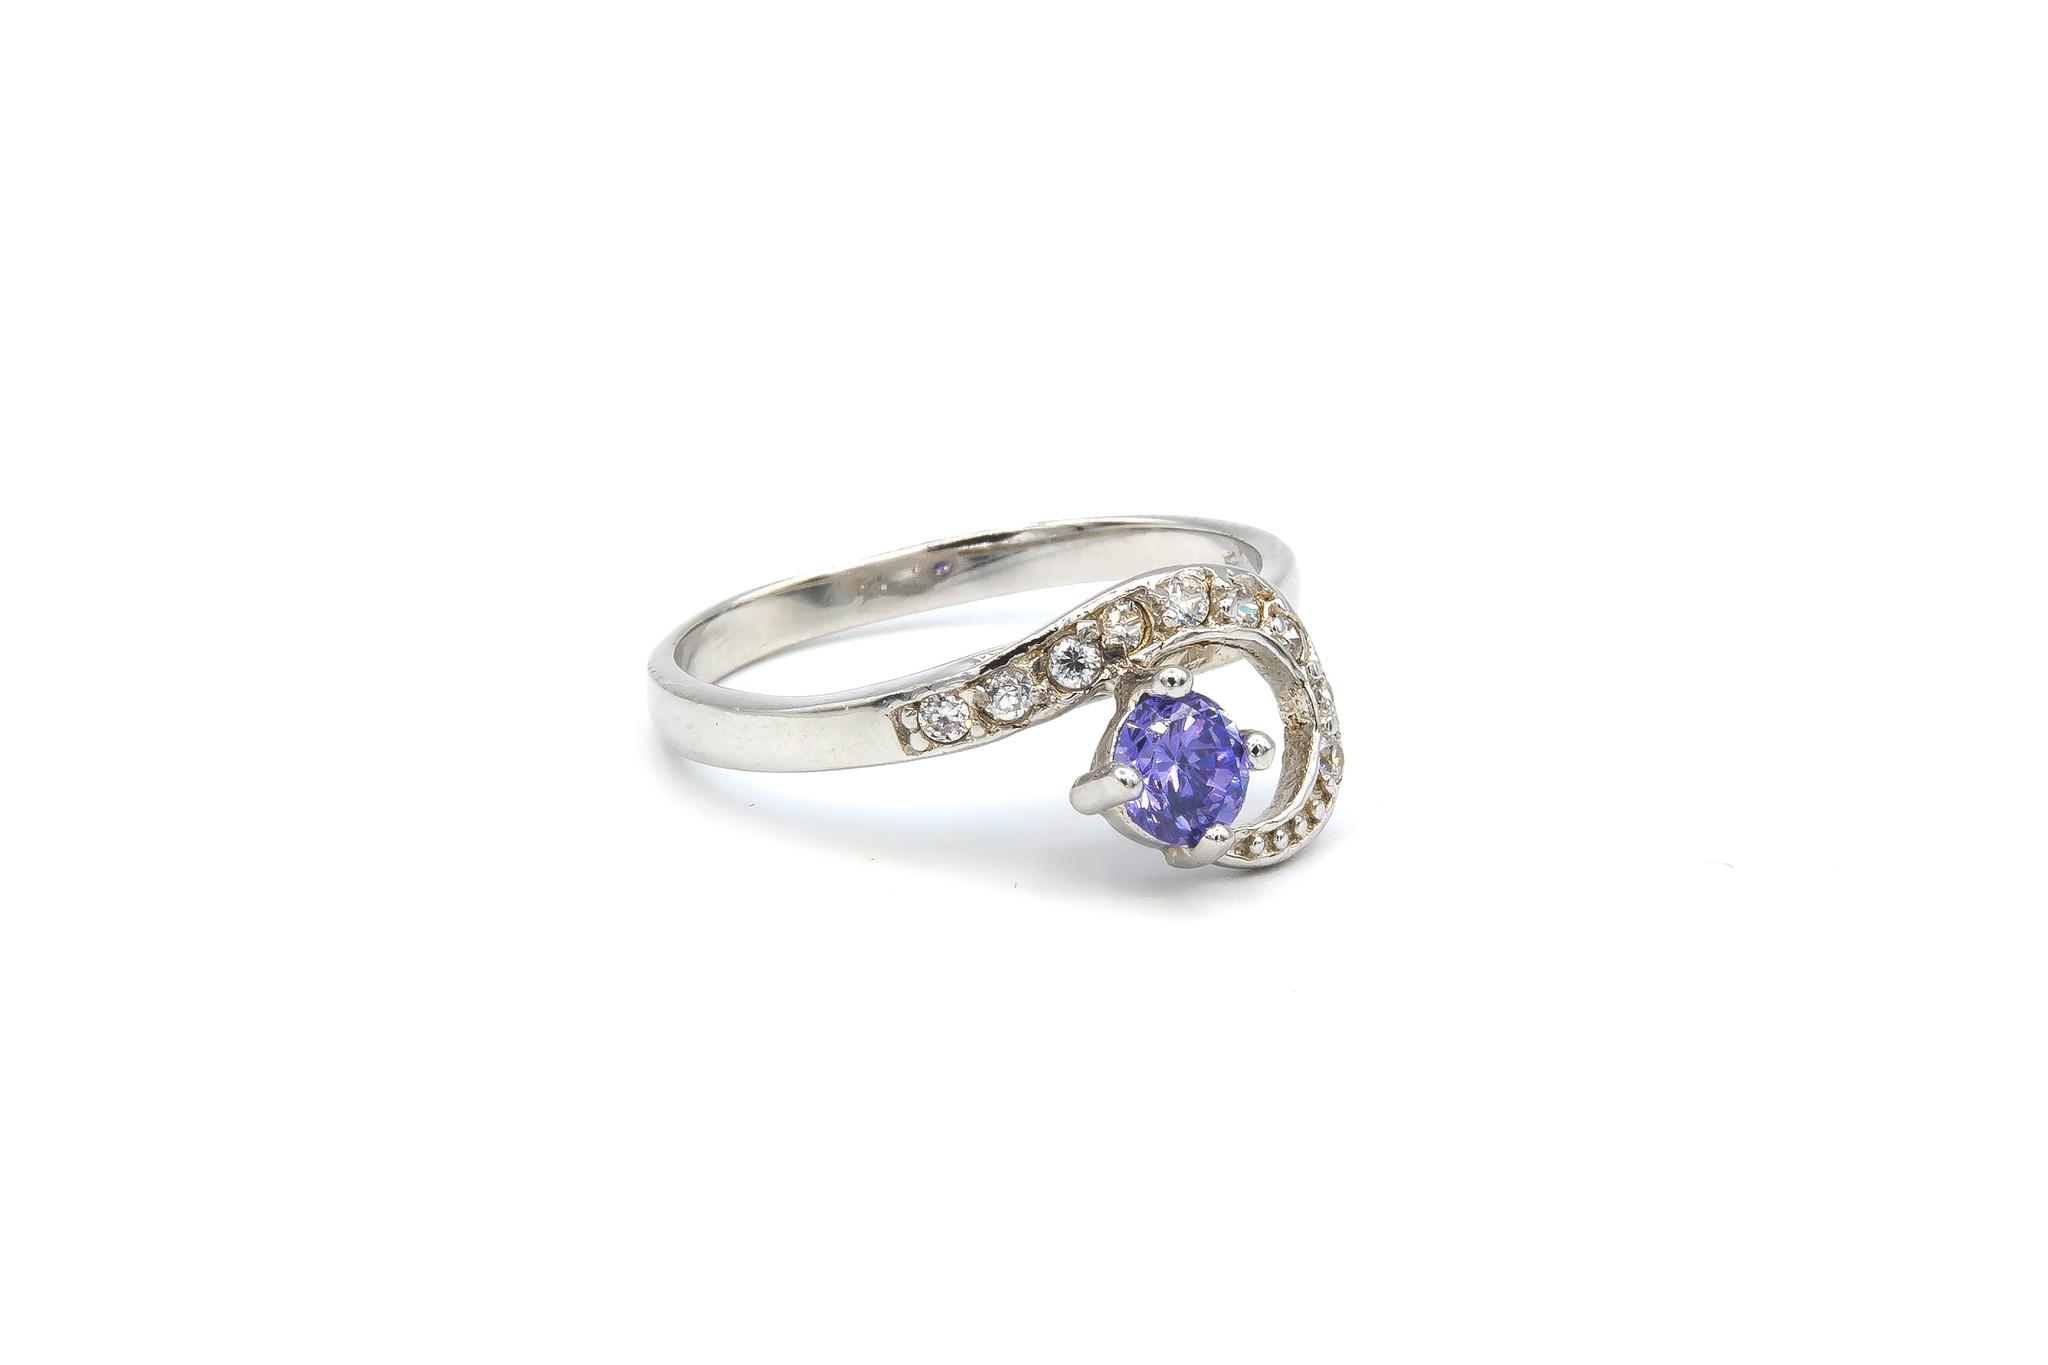 Ring verlovingsring lusje ingezet met zirkonia's en paarse steen zilver-2